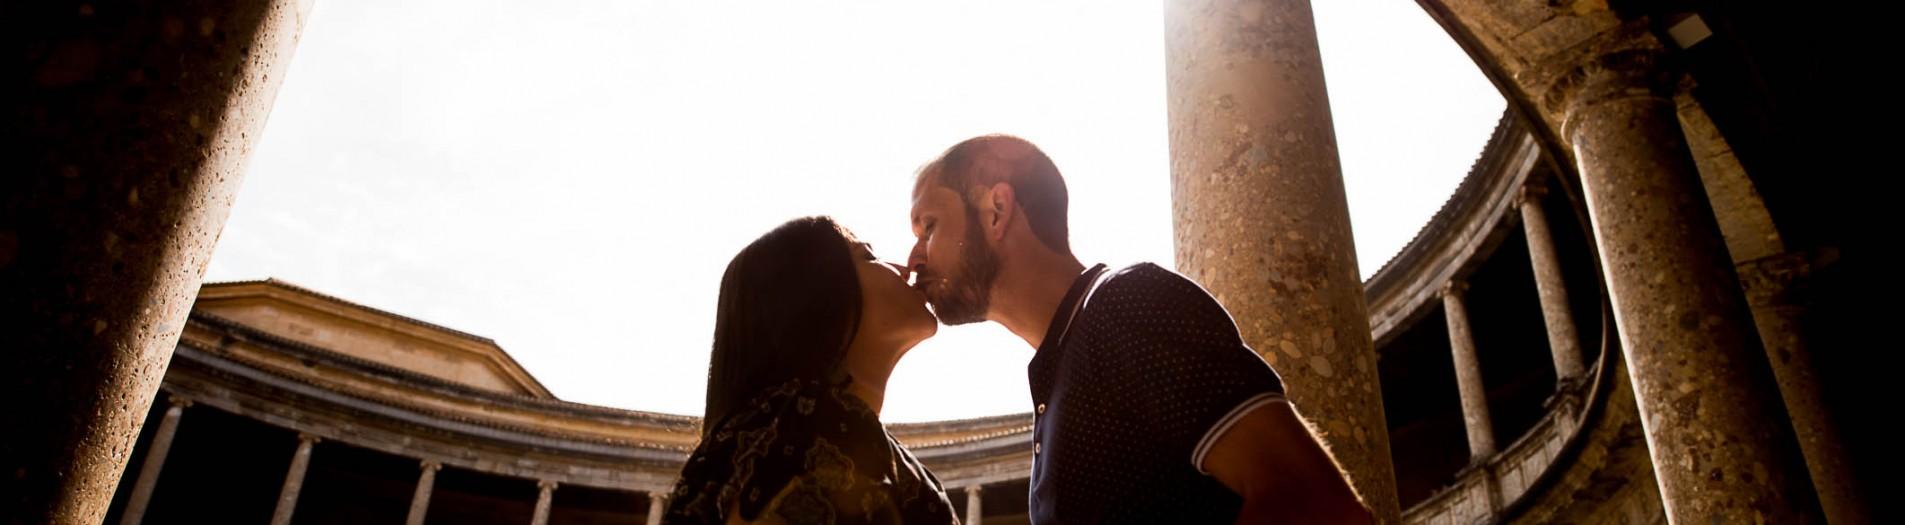 Preboda en Granada-Isa y Diego-fotografos de boda murcia-criserfotografia